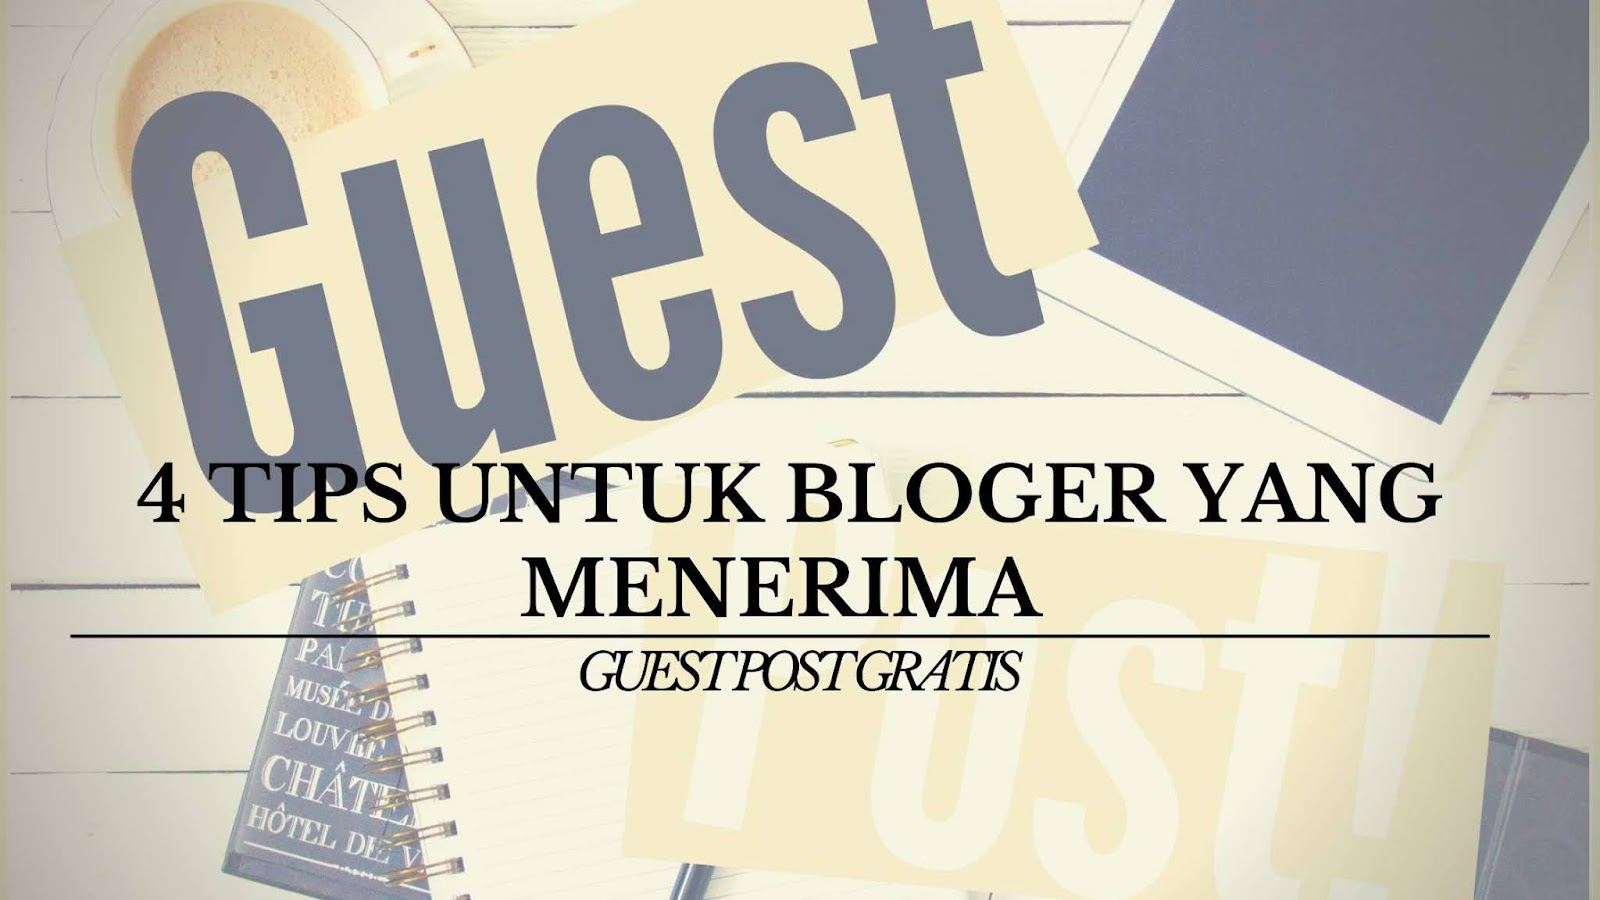 4 Tips Untuk Bloger yang Menerima Guest Post Gratis